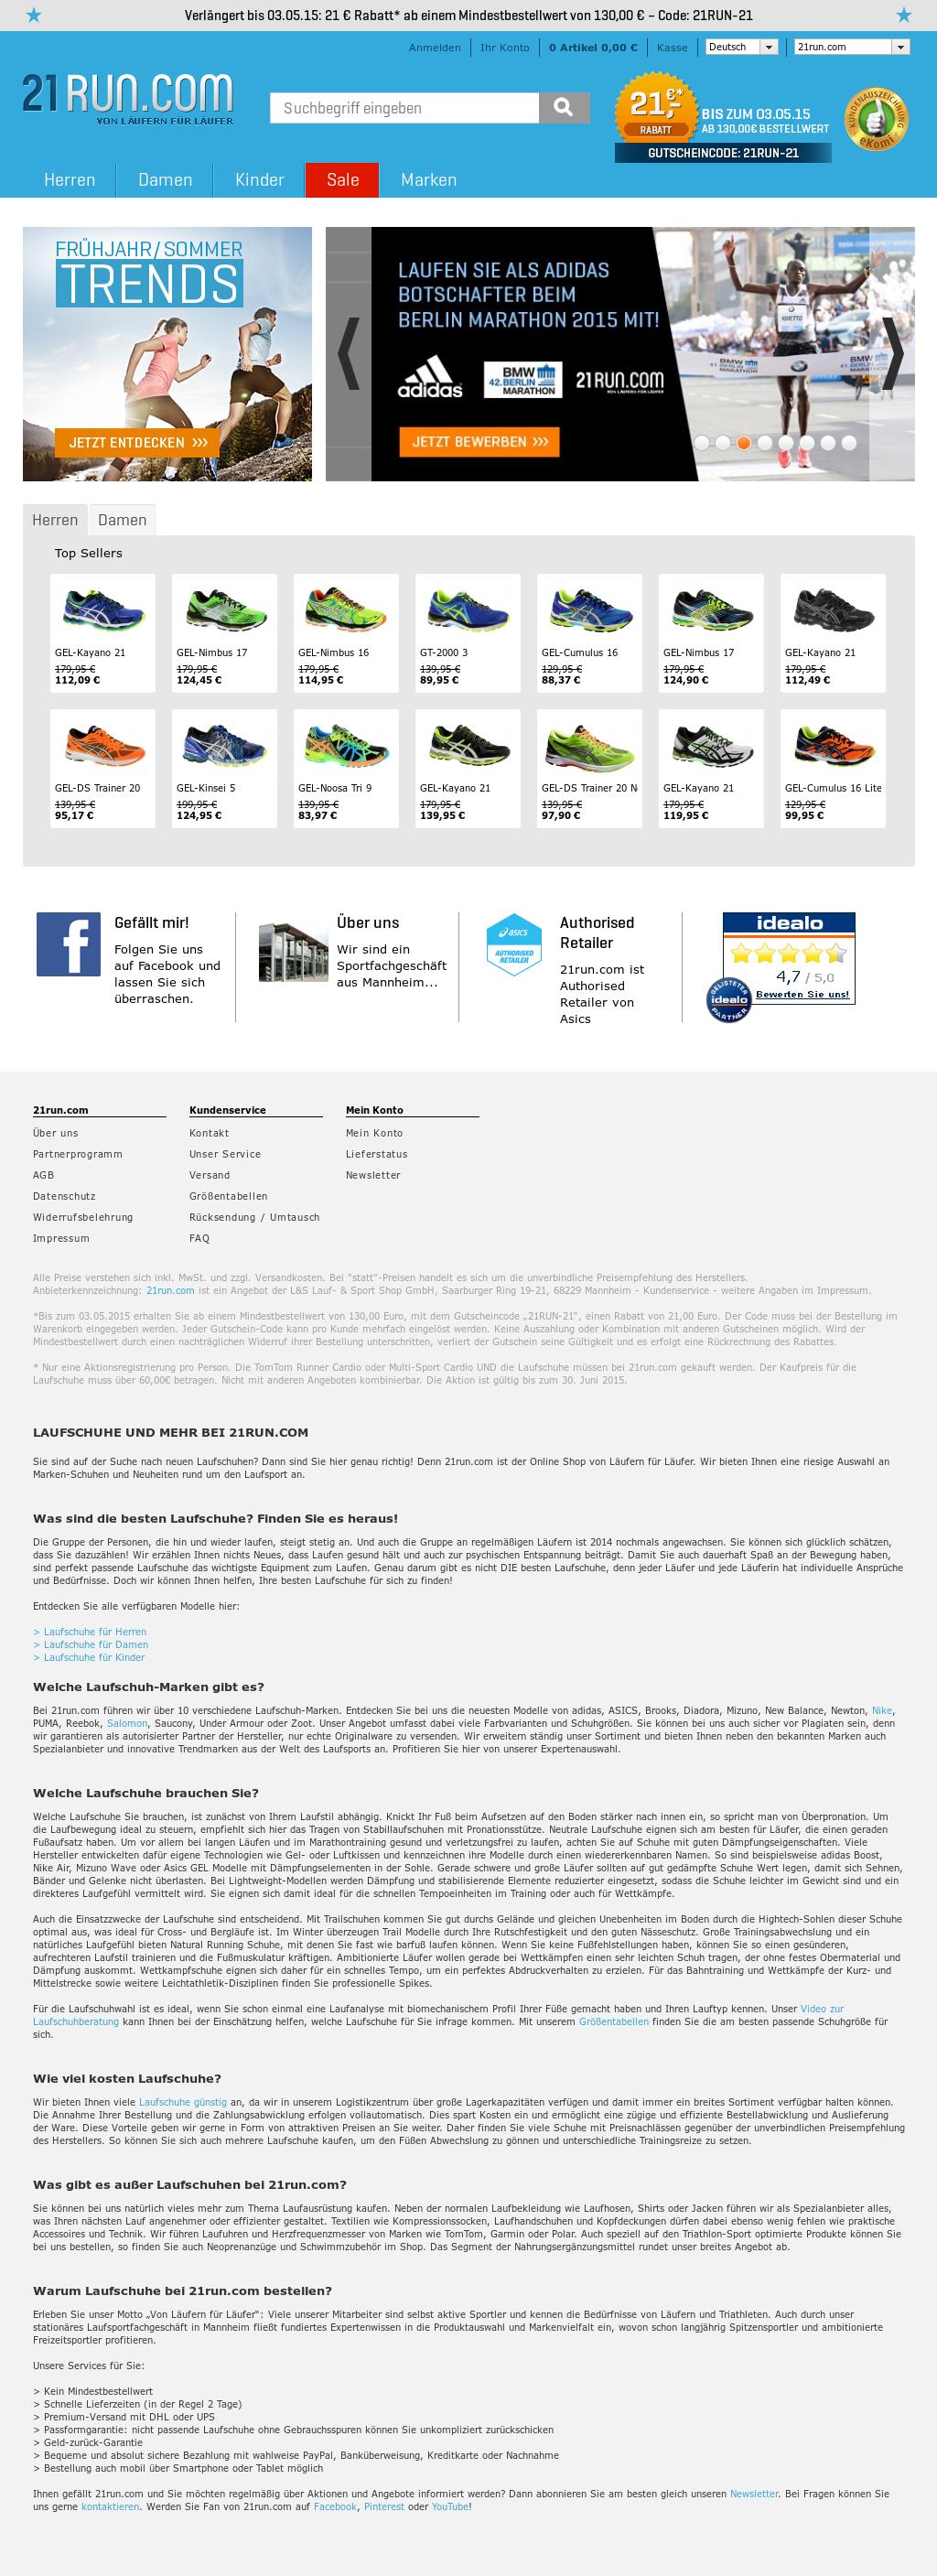 Gemütlich Schnelle Code Banküberweisungen Bilder - Der Schaltplan ...